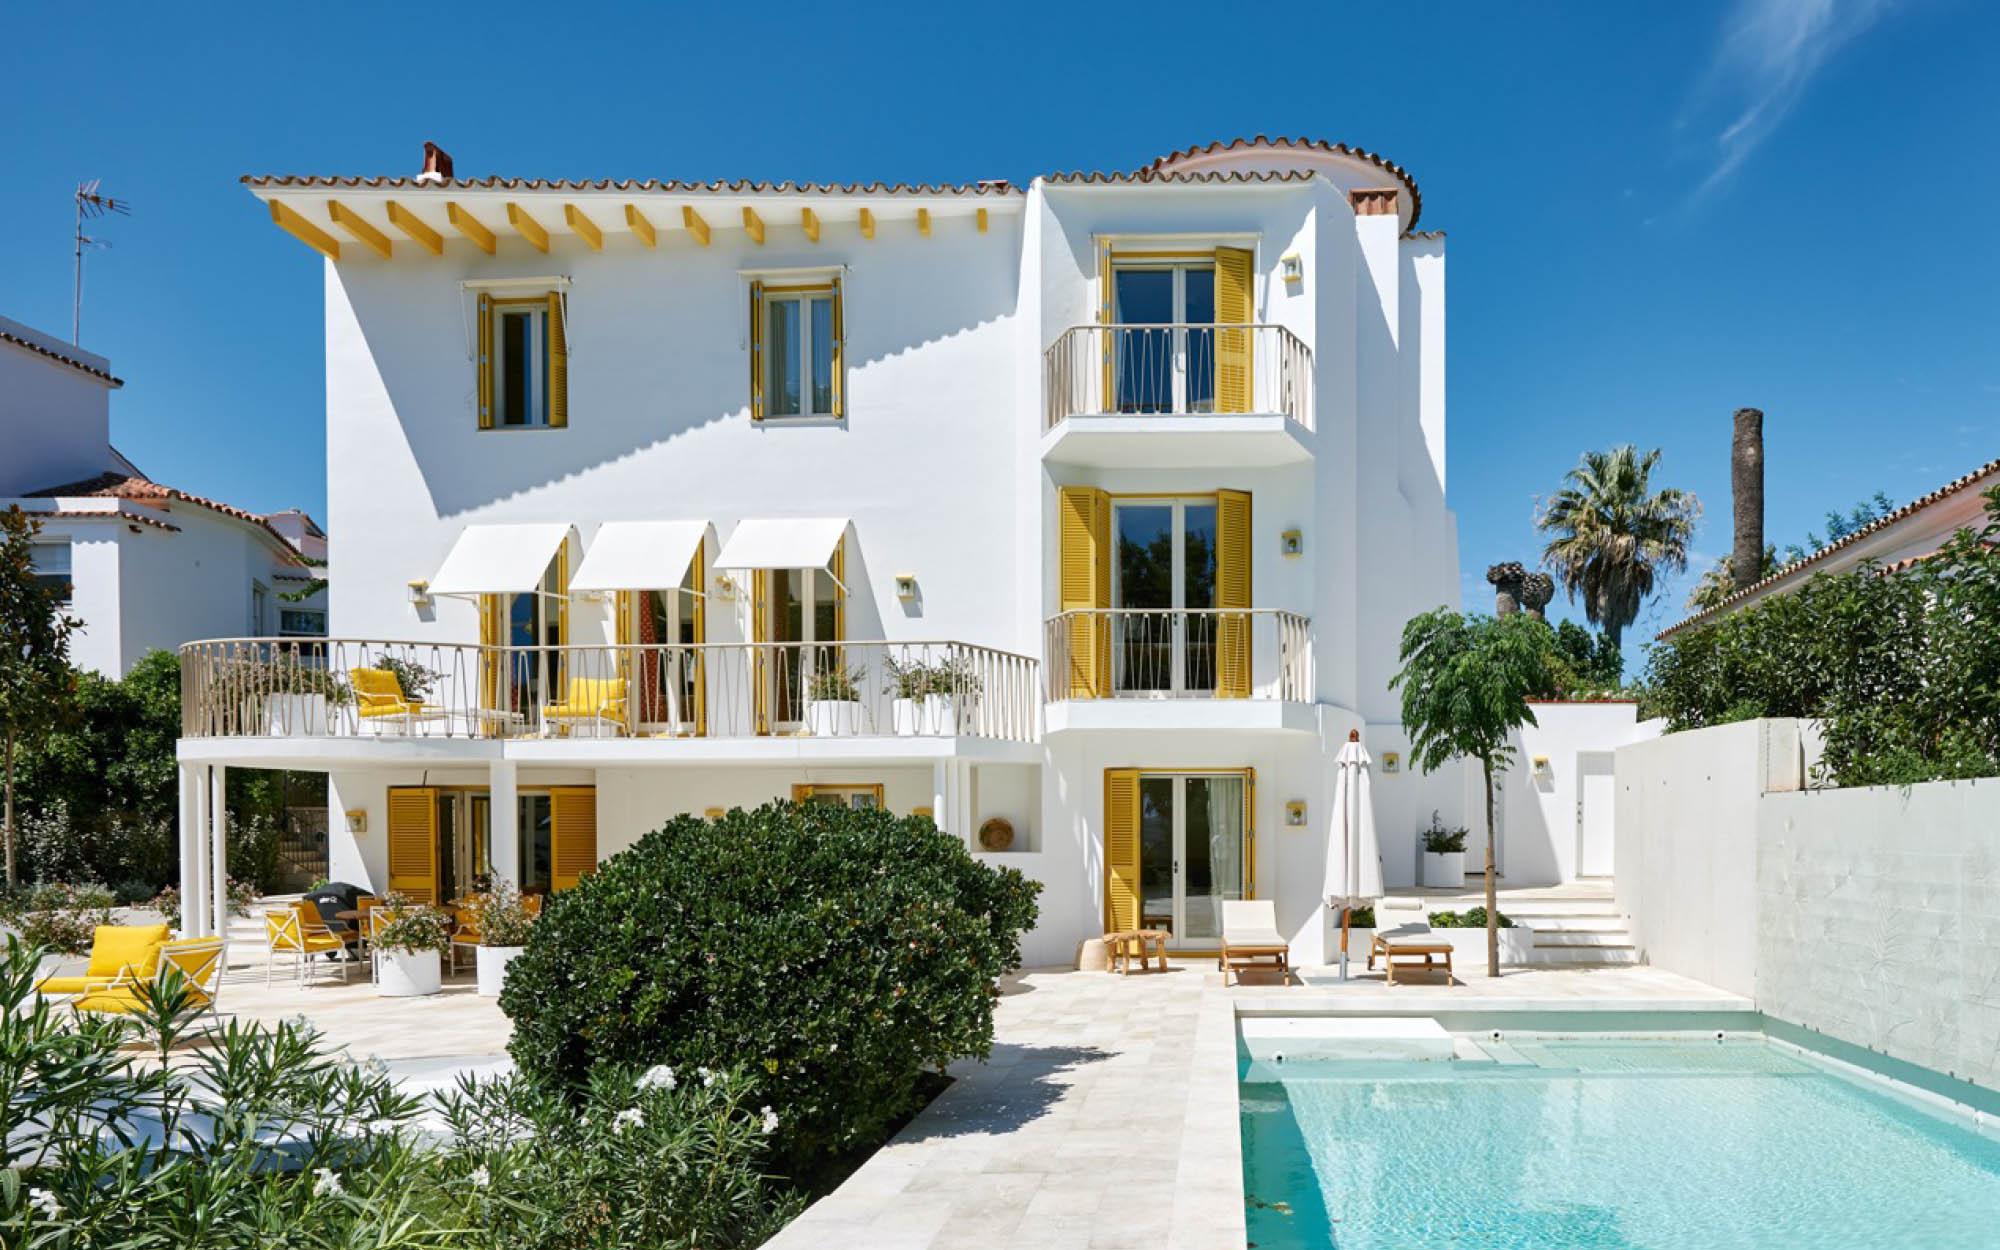 luis_laplace-Casa_Hauser_Menorca-1